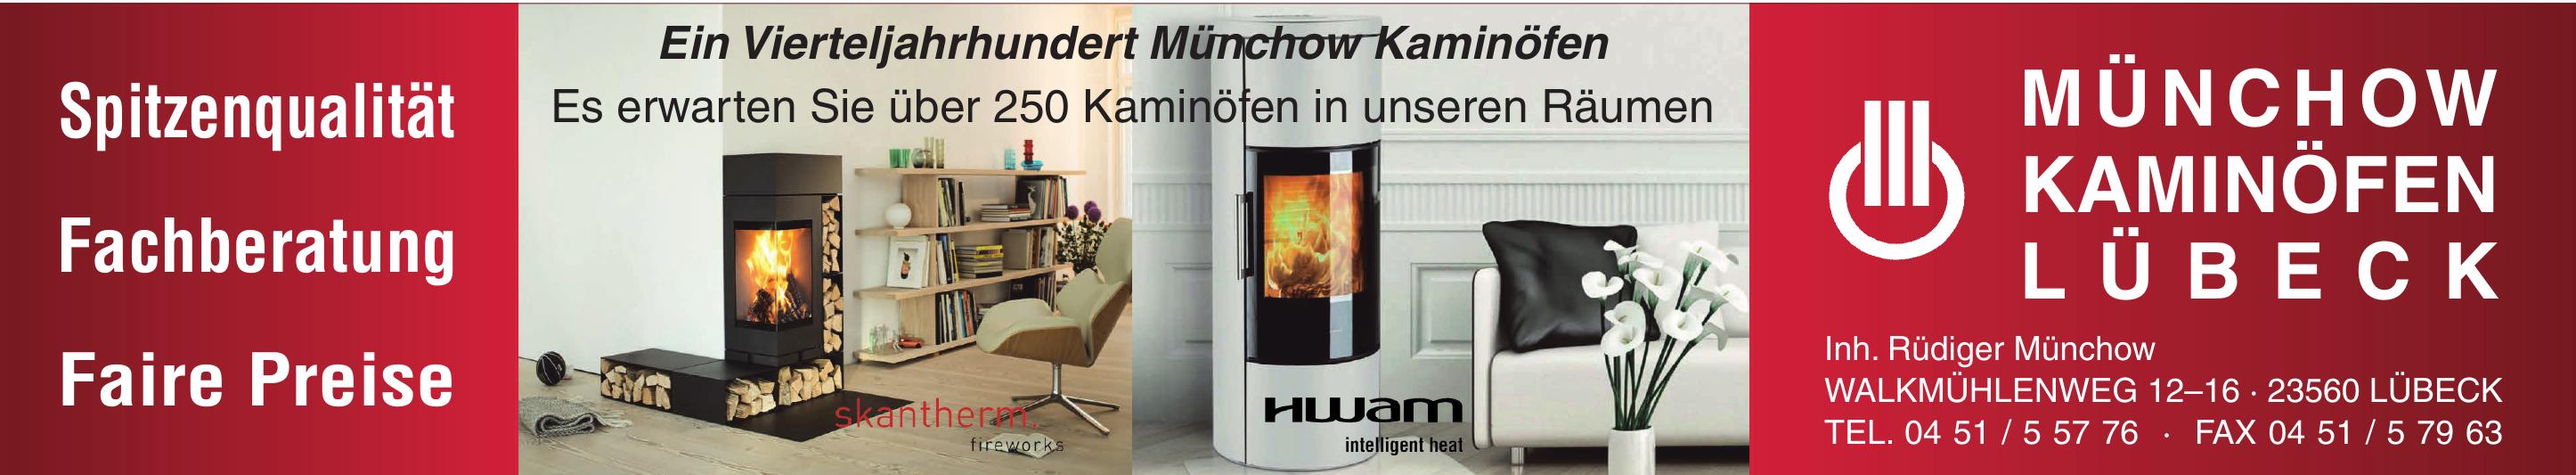 Münchow Kaminöfen Lübeck